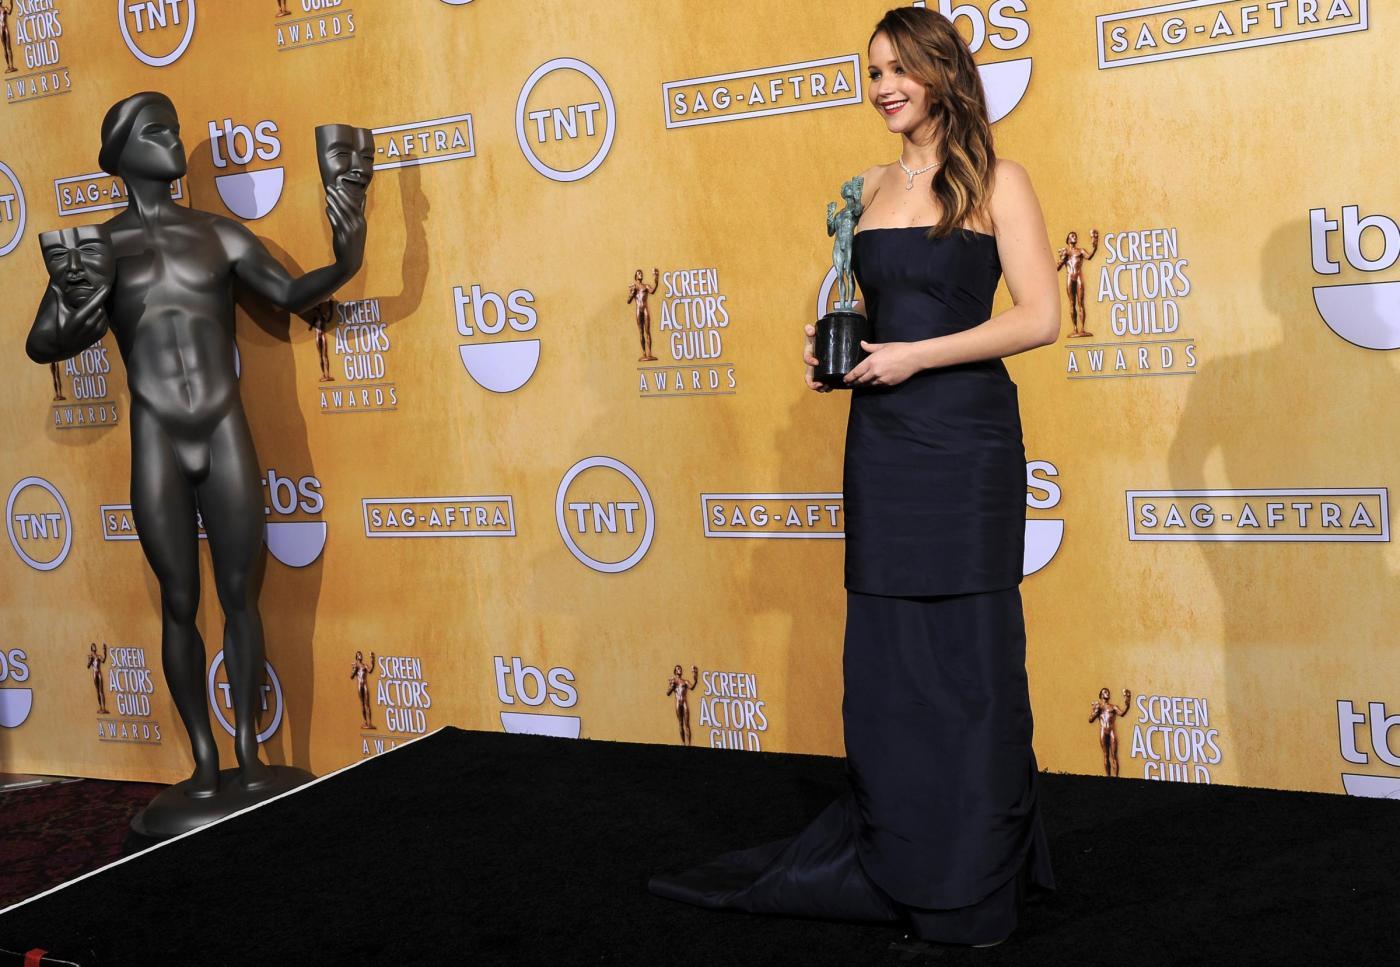 SAG Awards 2013.Press Room07